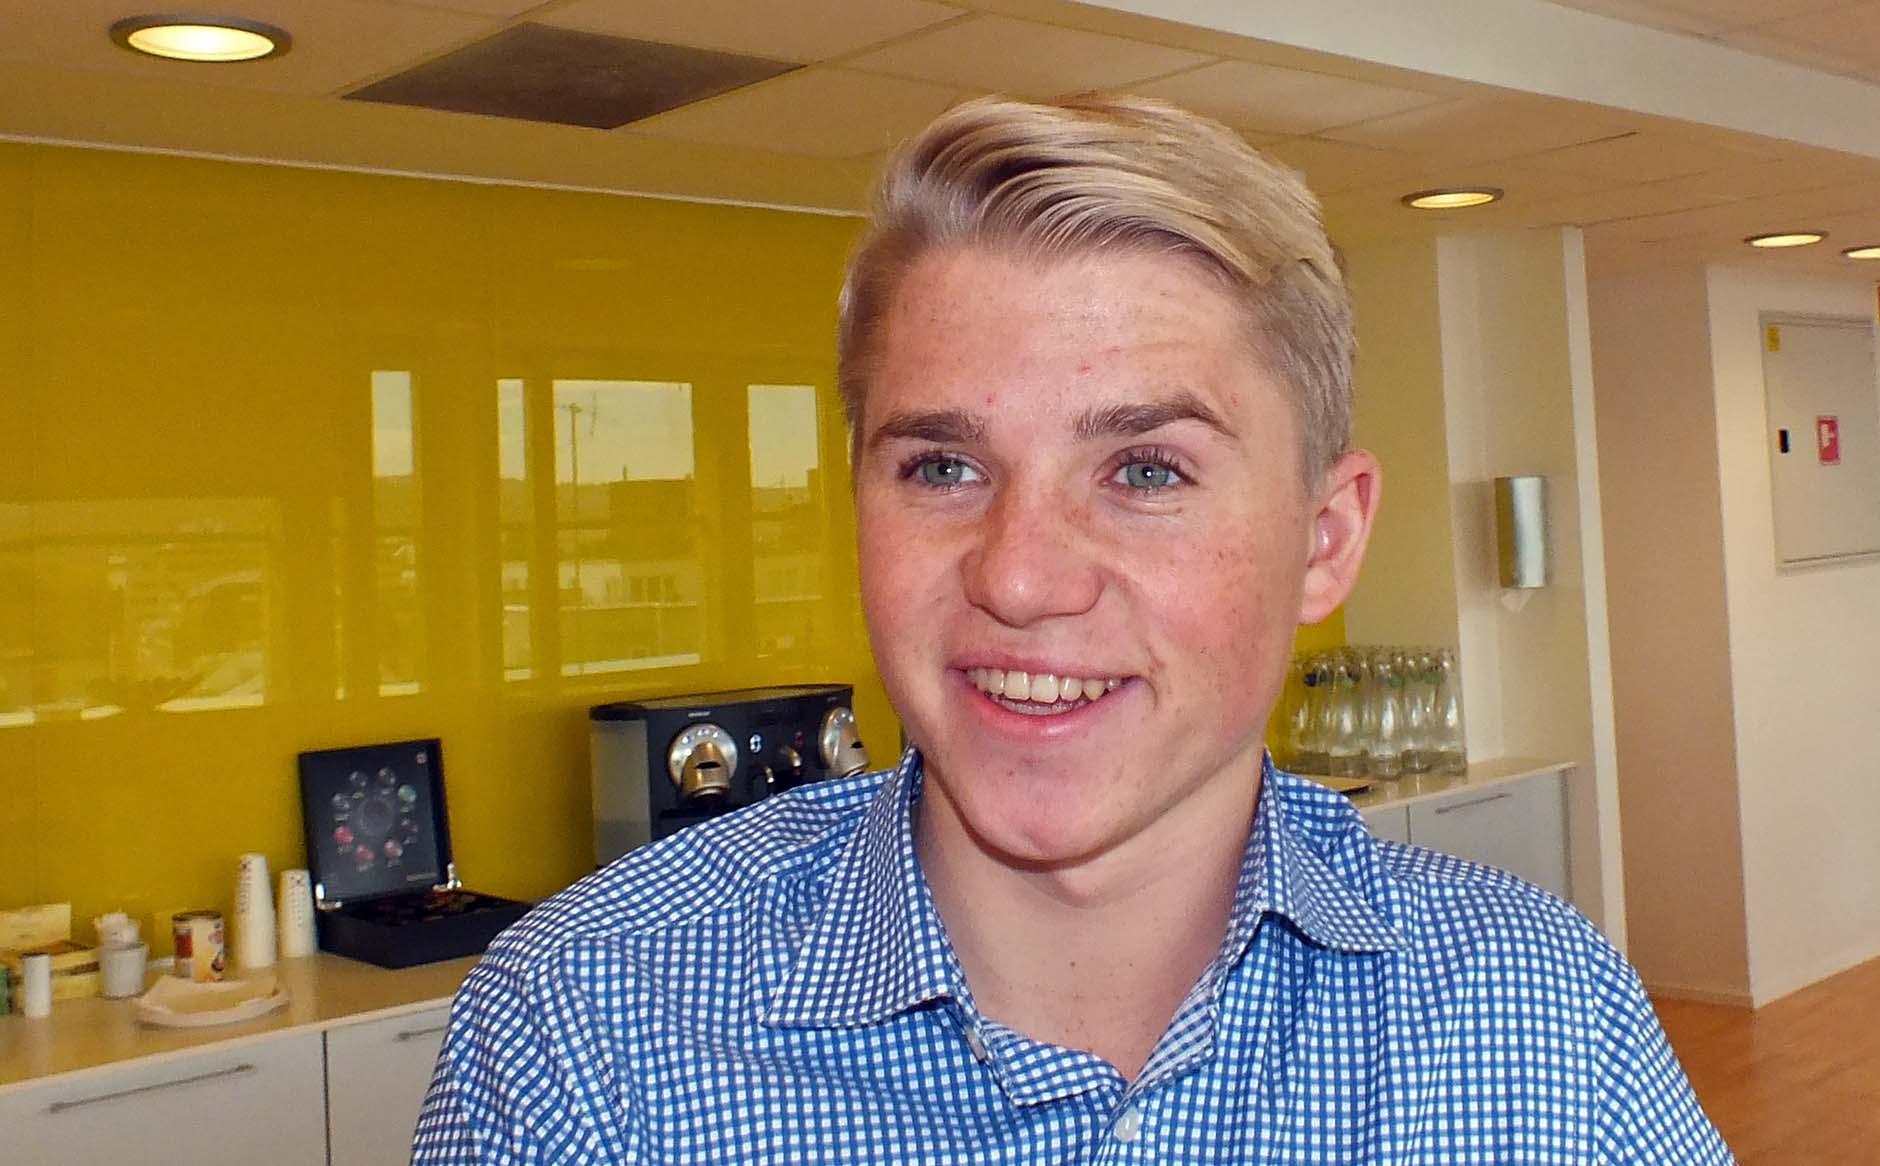 Norska arbetsgivarorganisationen Virke vill ha fler lärlingar